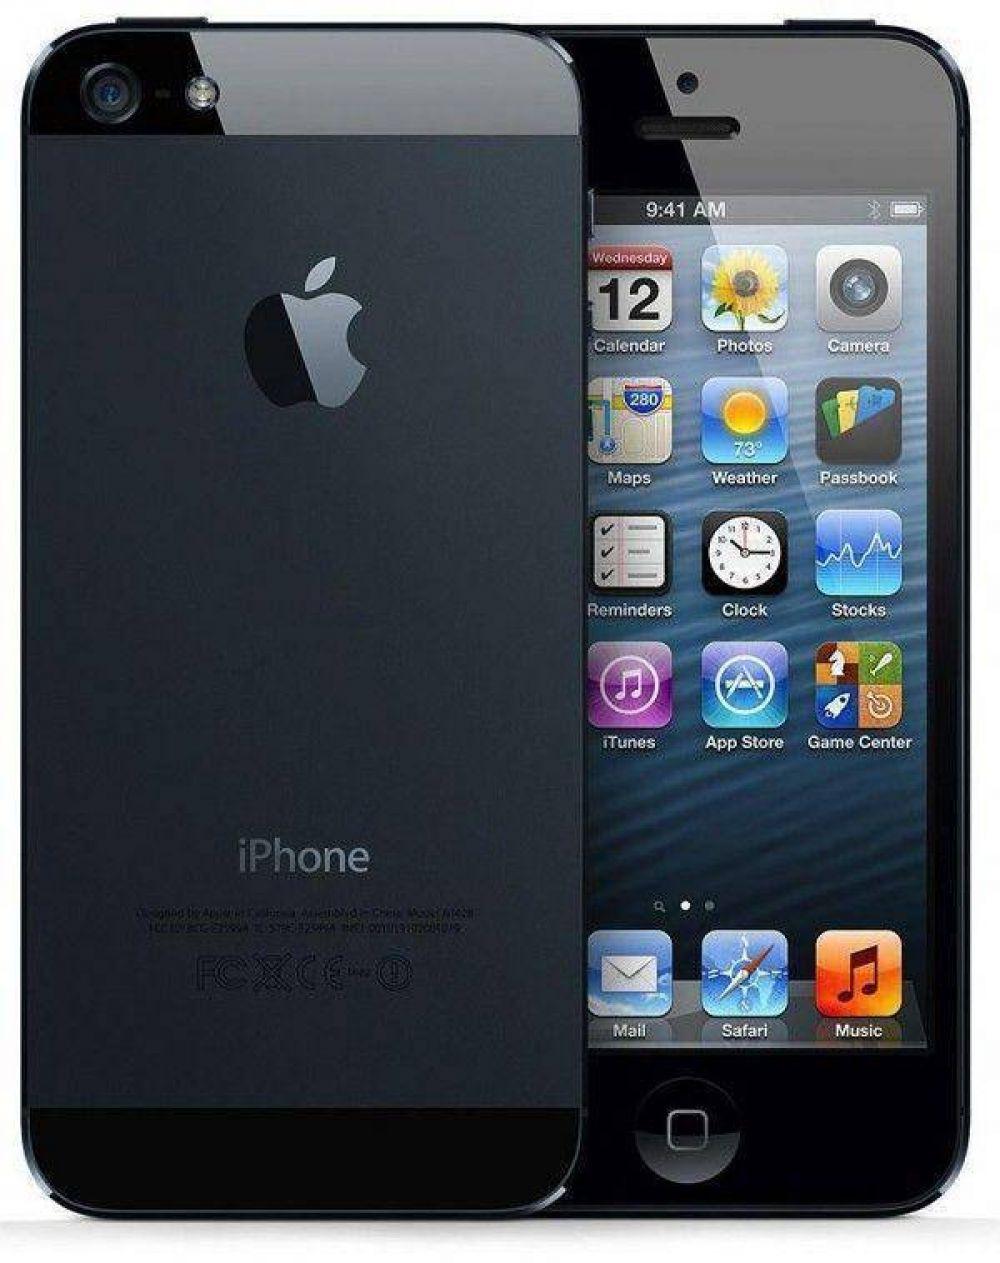 ¿Llega el iPhone 5 a la Argentina?